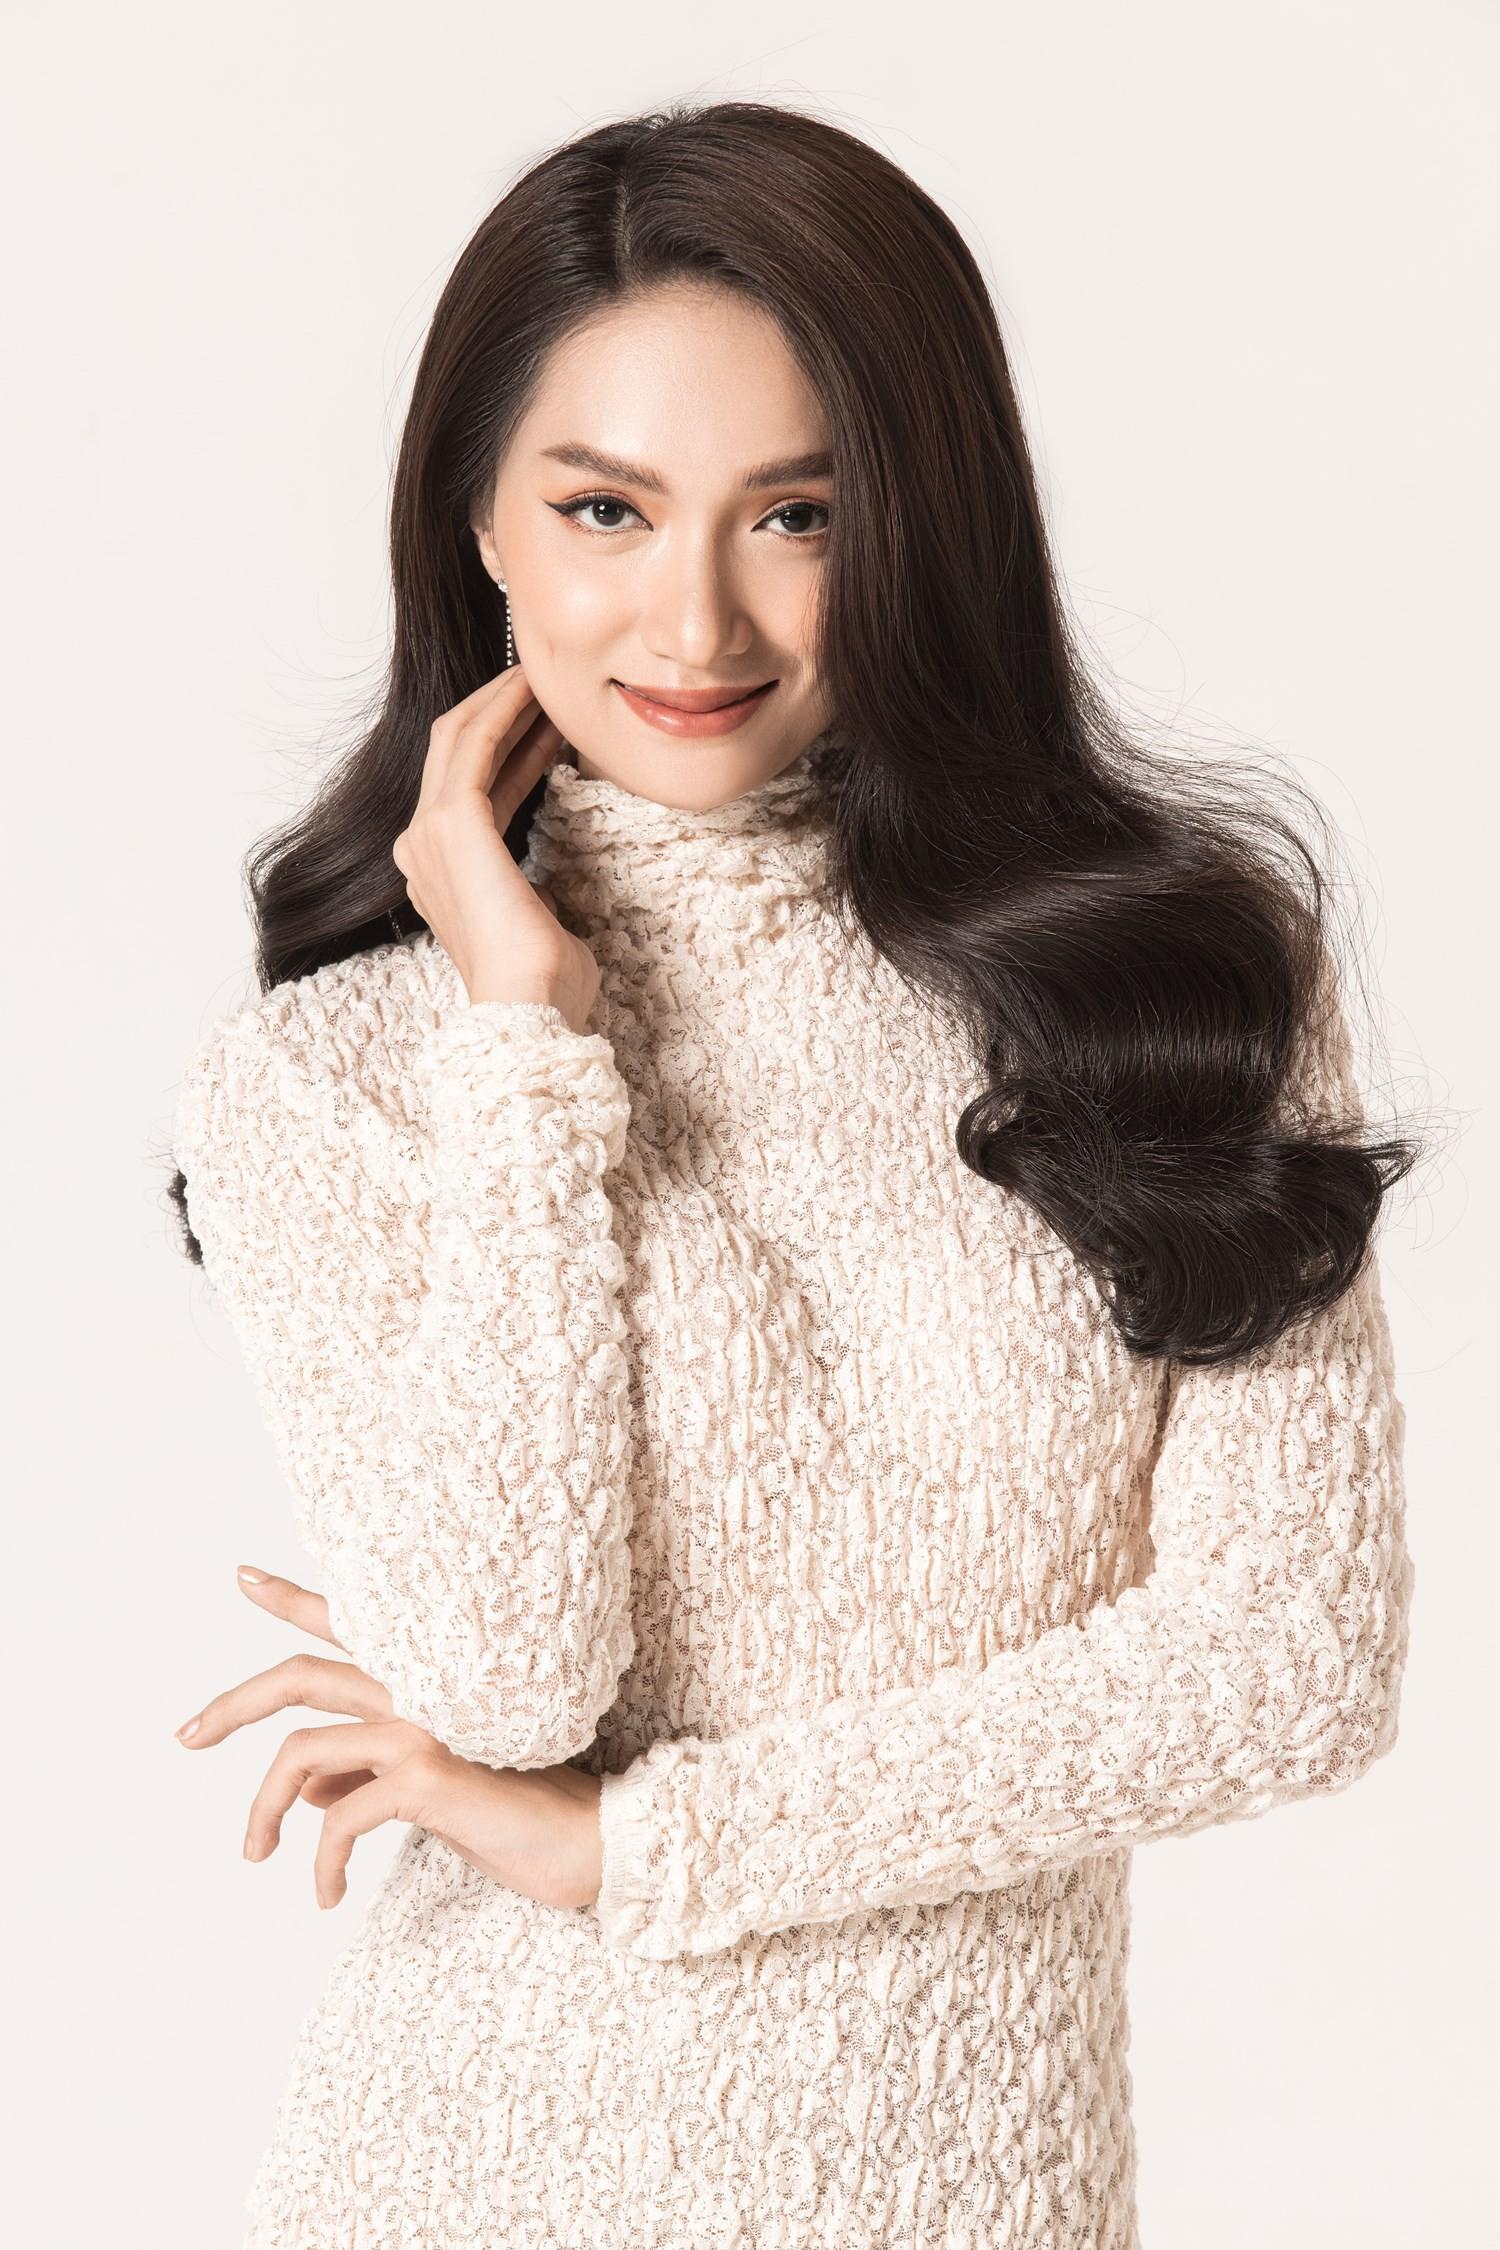 Chinh phục vương miện hoa hậu, Hương Giang lại được mời dự Paris Fashion Week, và cô nàng thực sự xứng đáng! - Ảnh 4.